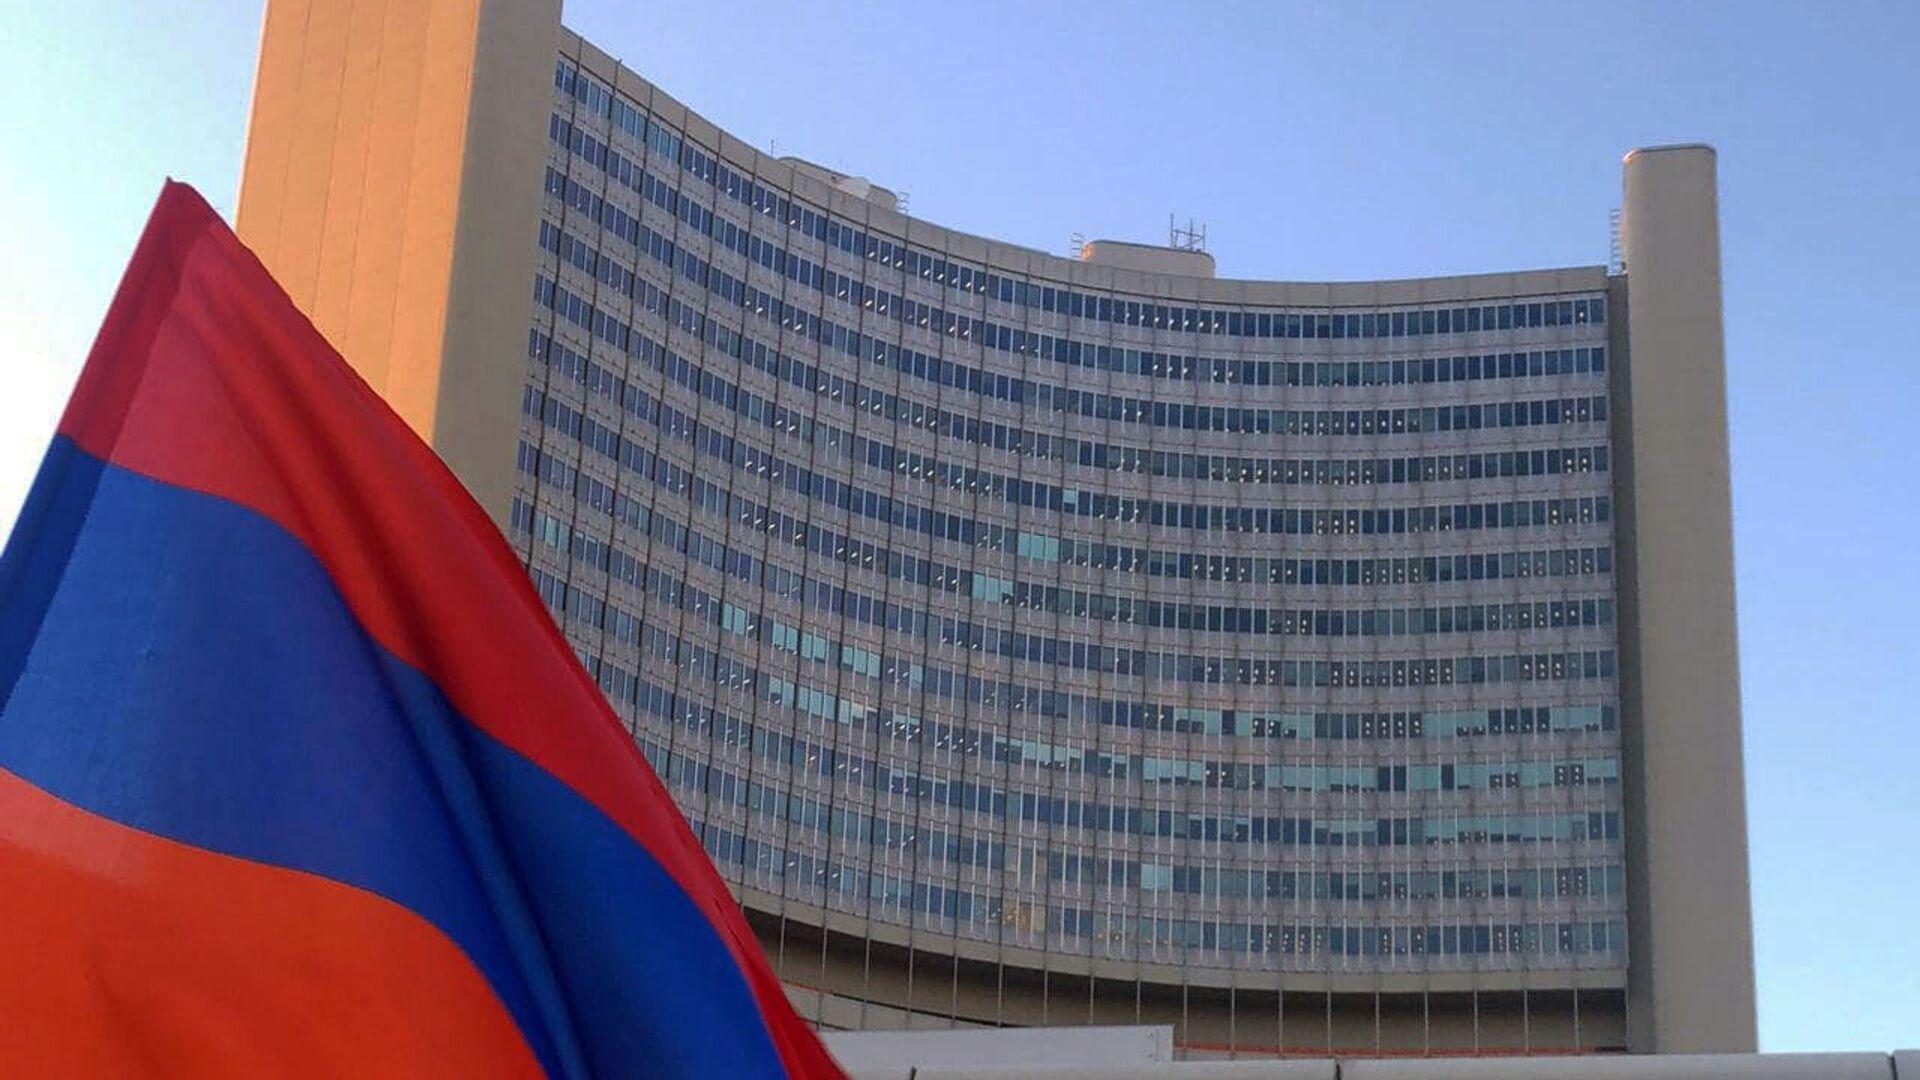 Акция армянской диаспоры Австрии в поддержку Карабаха перед Венским международным центром (1 ноября 2020). Вена - Sputnik Армения, 1920, 14.10.2021